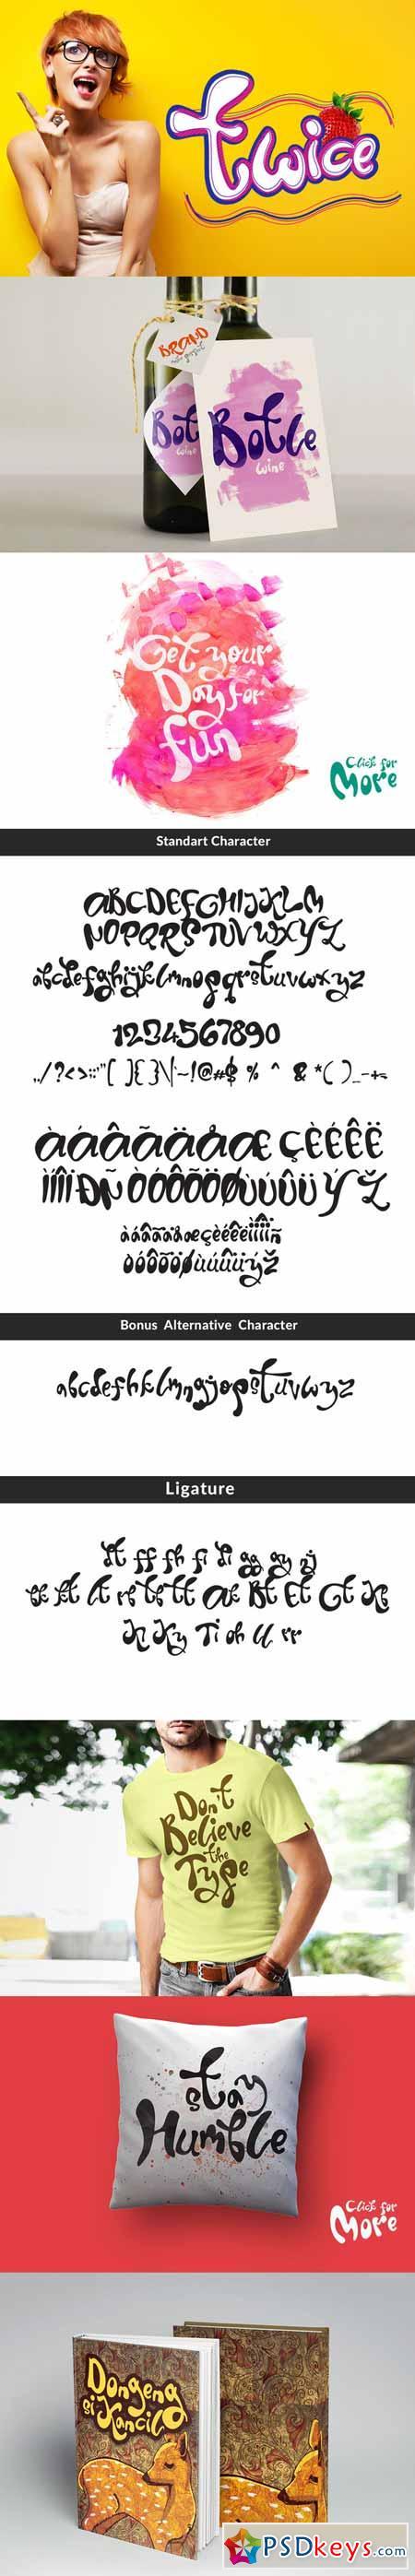 Twice Display Typeface 249910